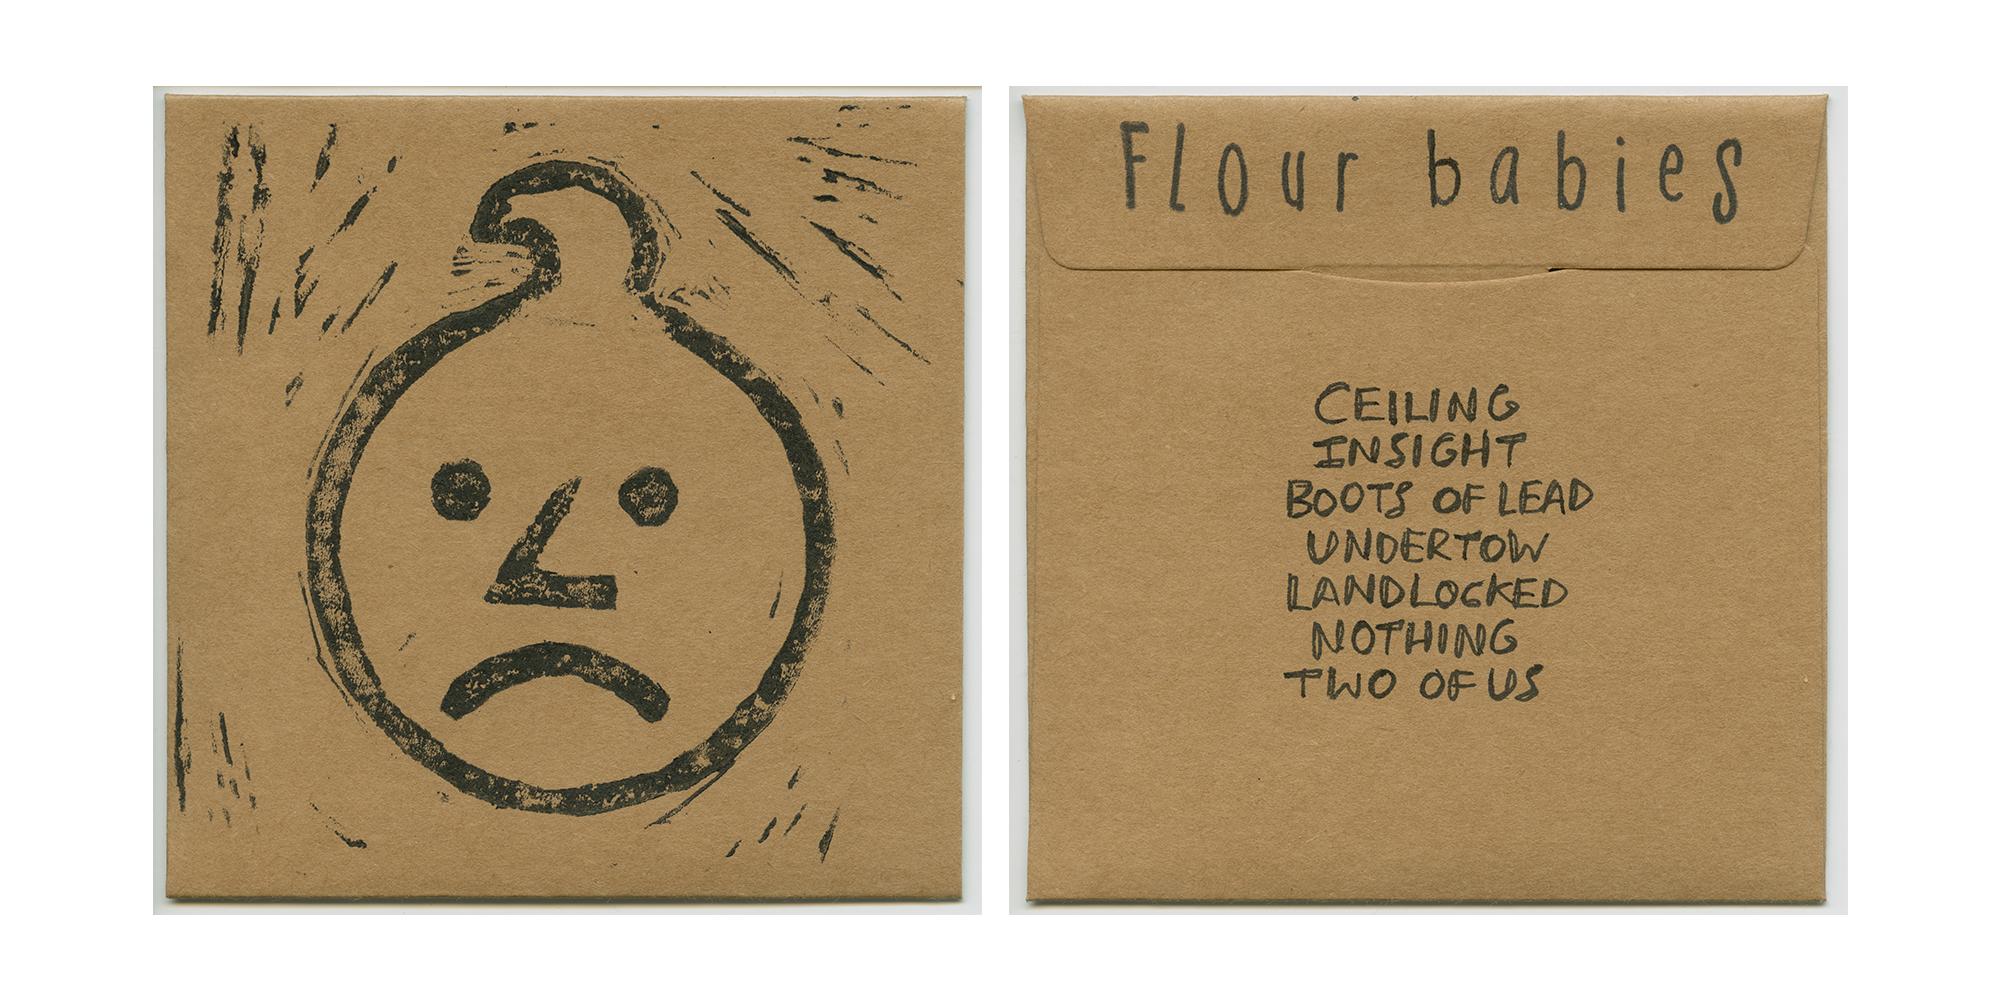 Flour Babies album cover scan.